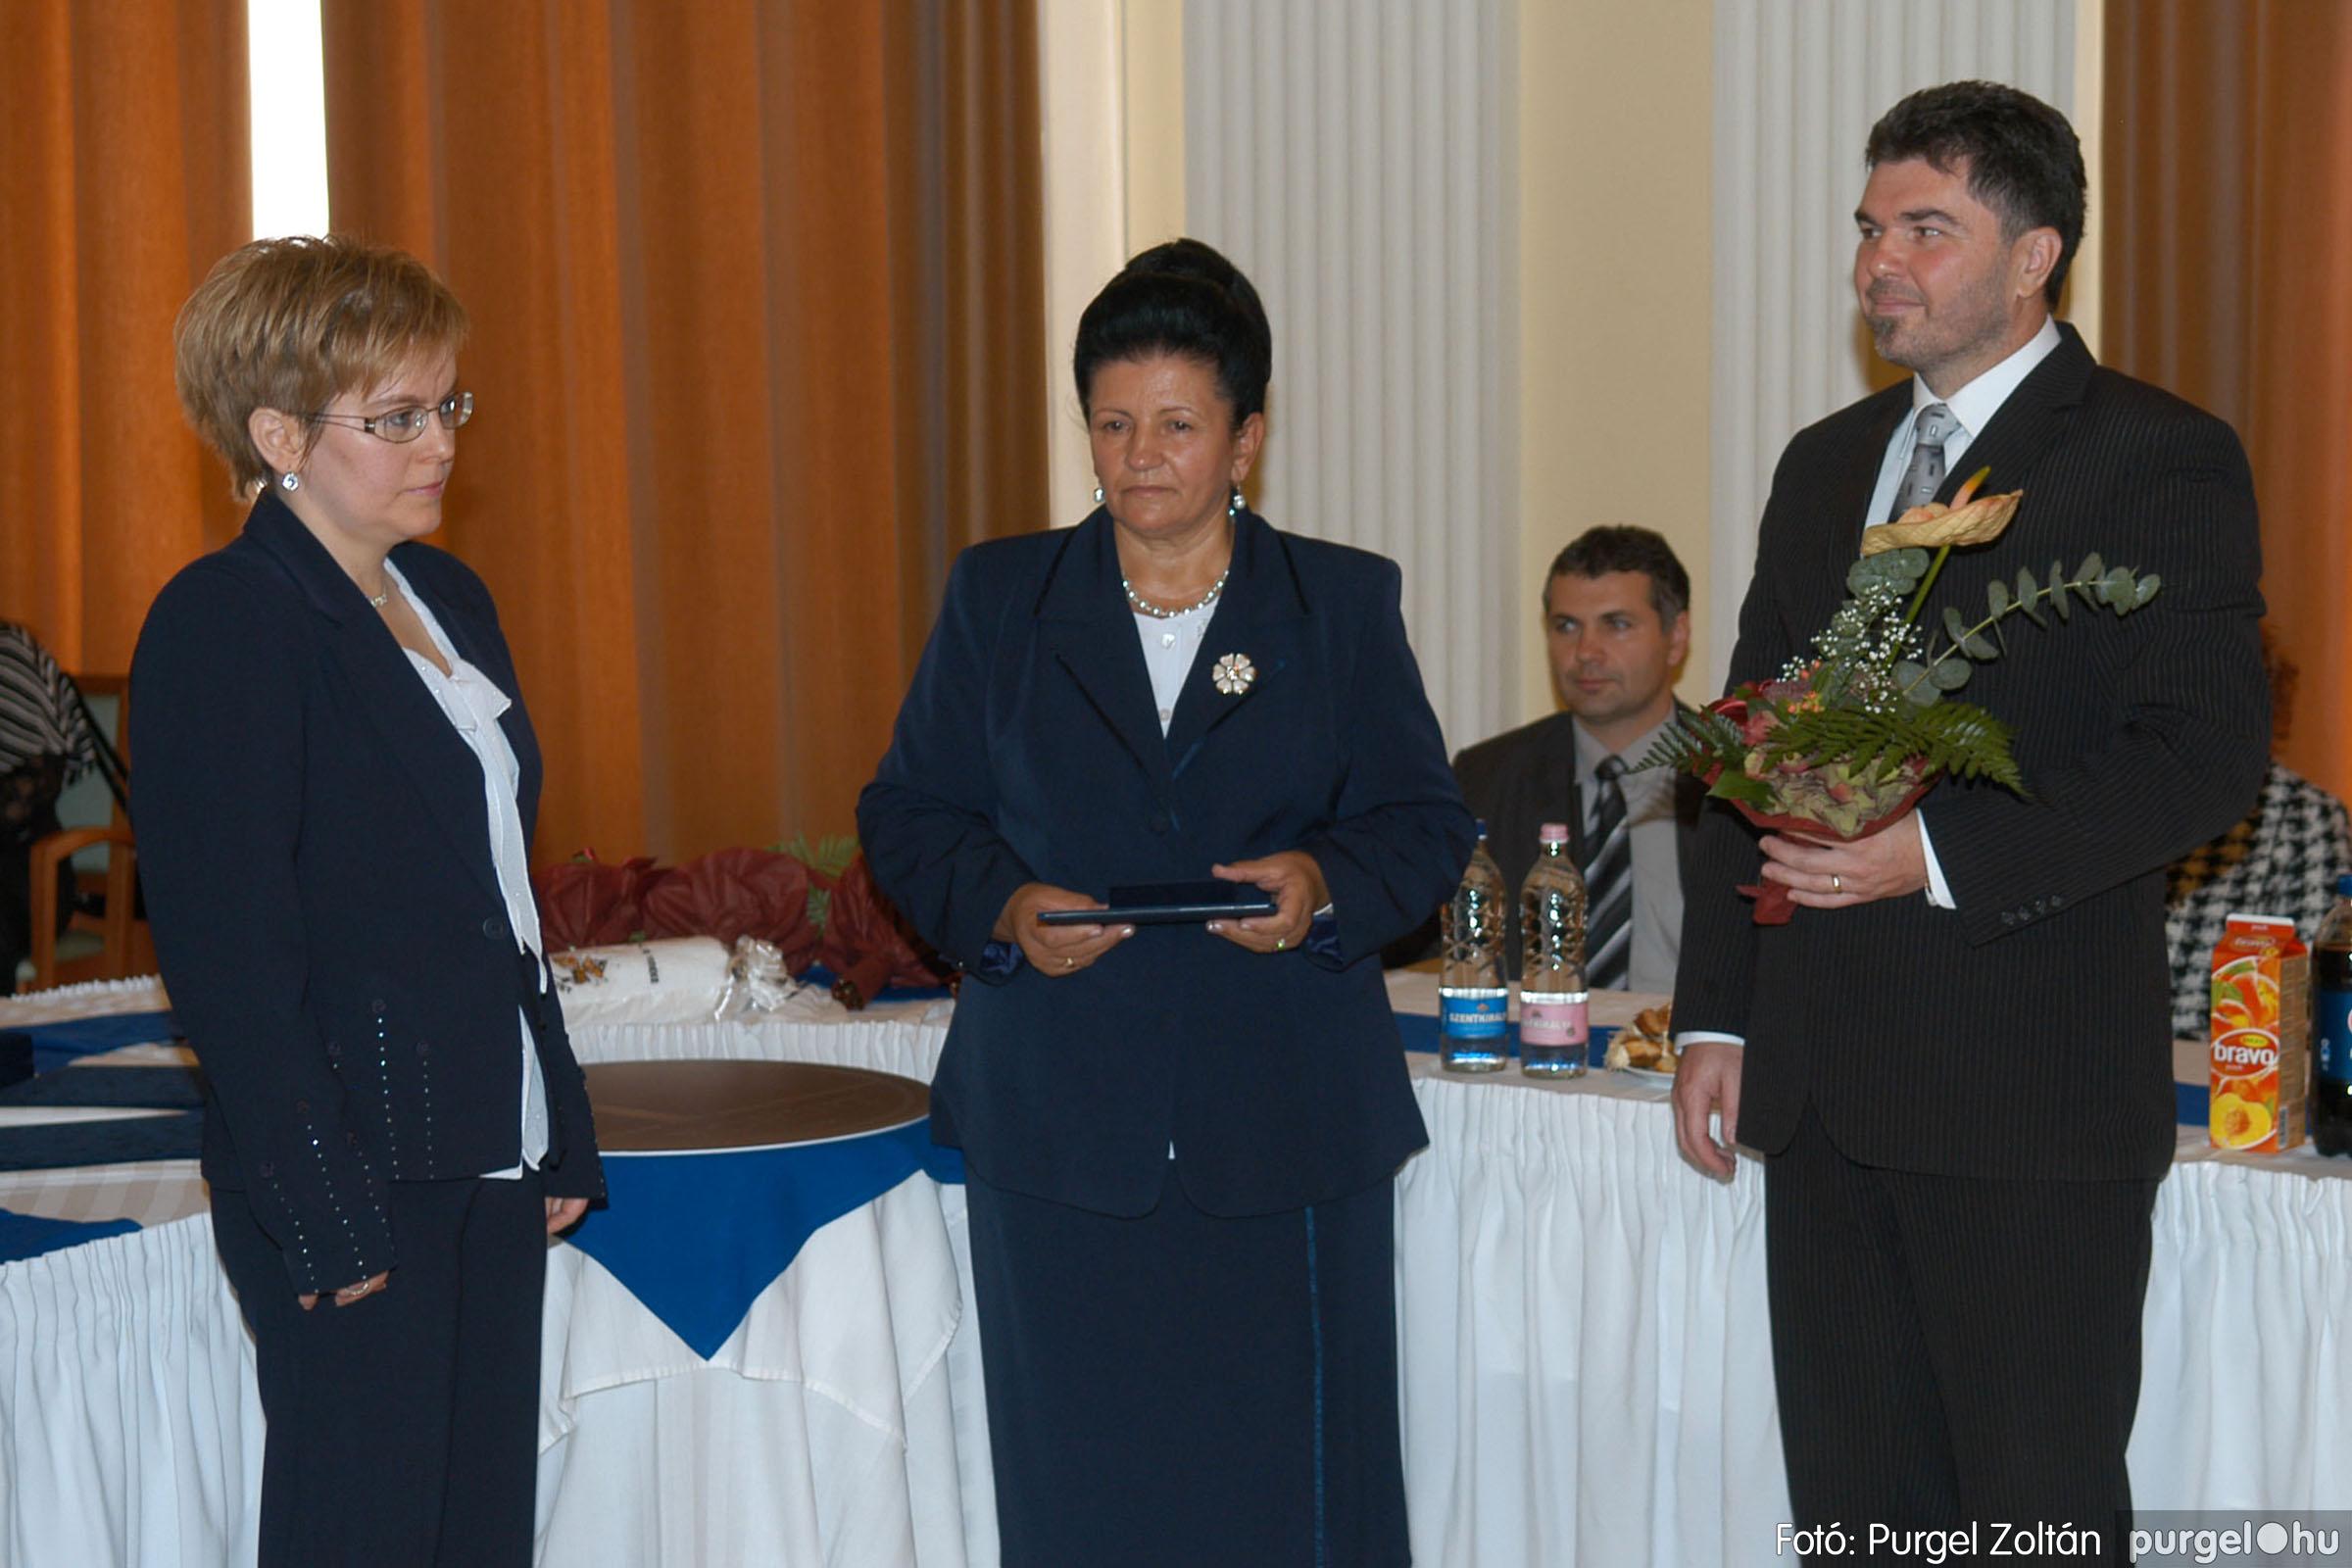 2010.10.28. 075 Szegvár és Vidéke Takarékszövetkezet takarékossági világnap rendezvény - Fotó:P. Z..jpg